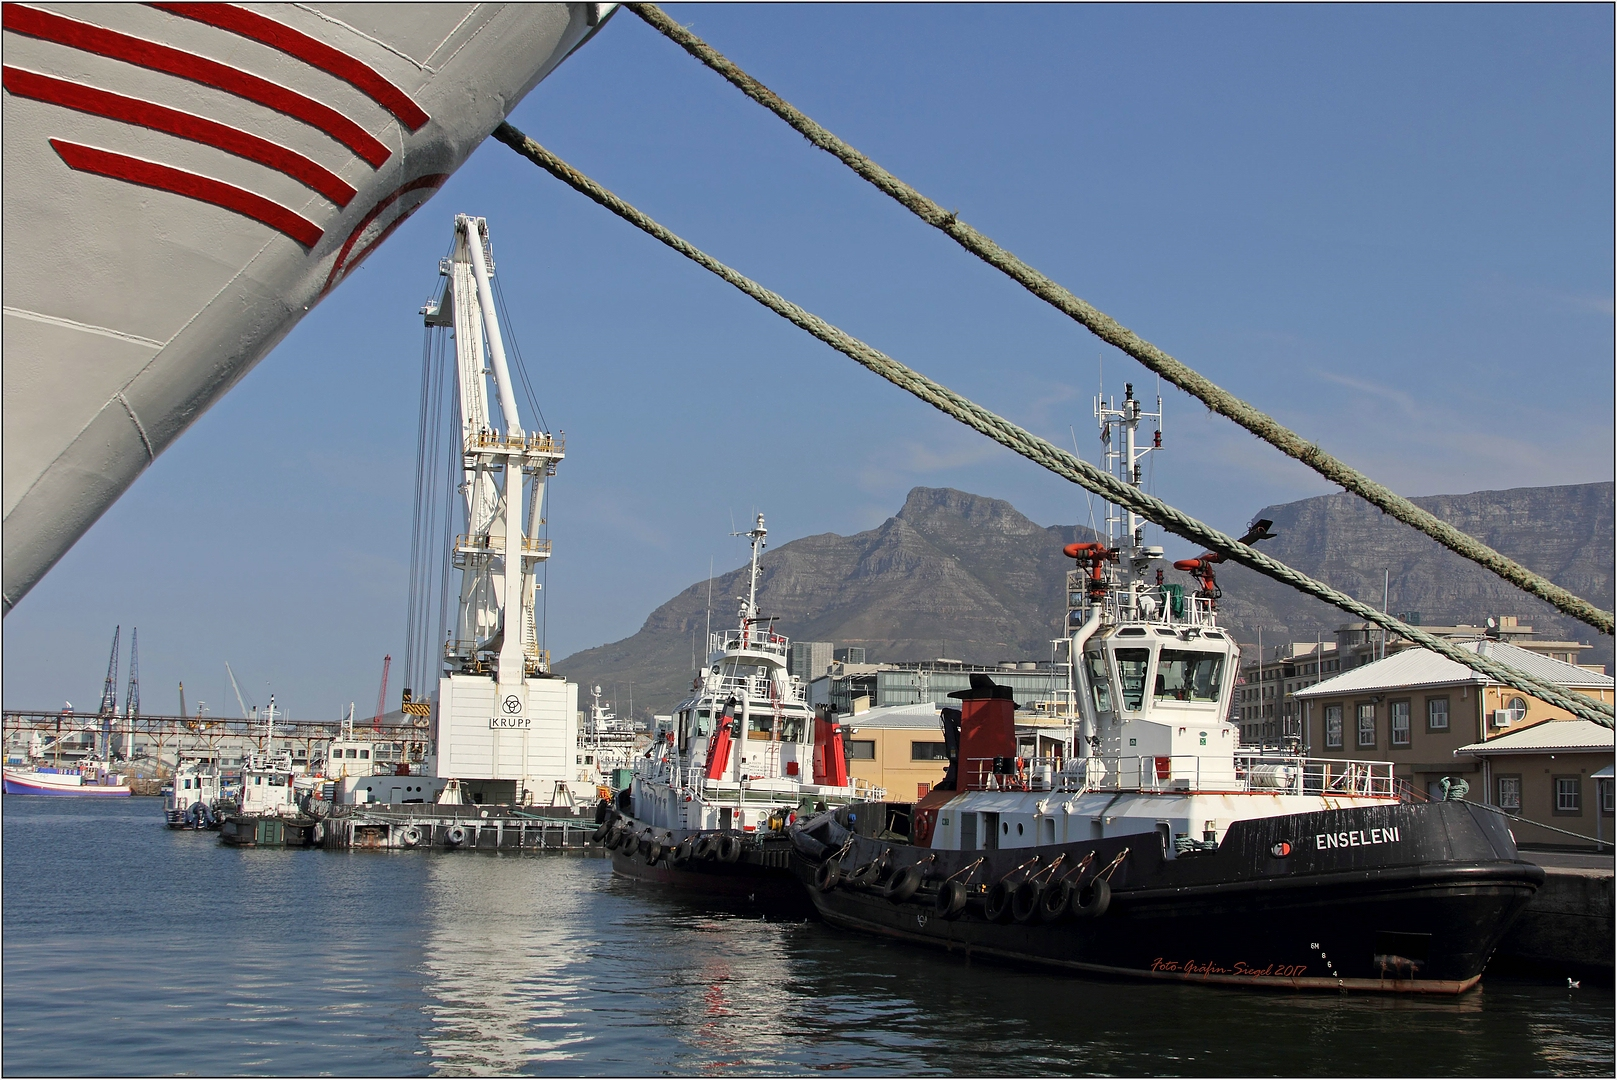 Hafen Kapstadt V&A Waterfront ...